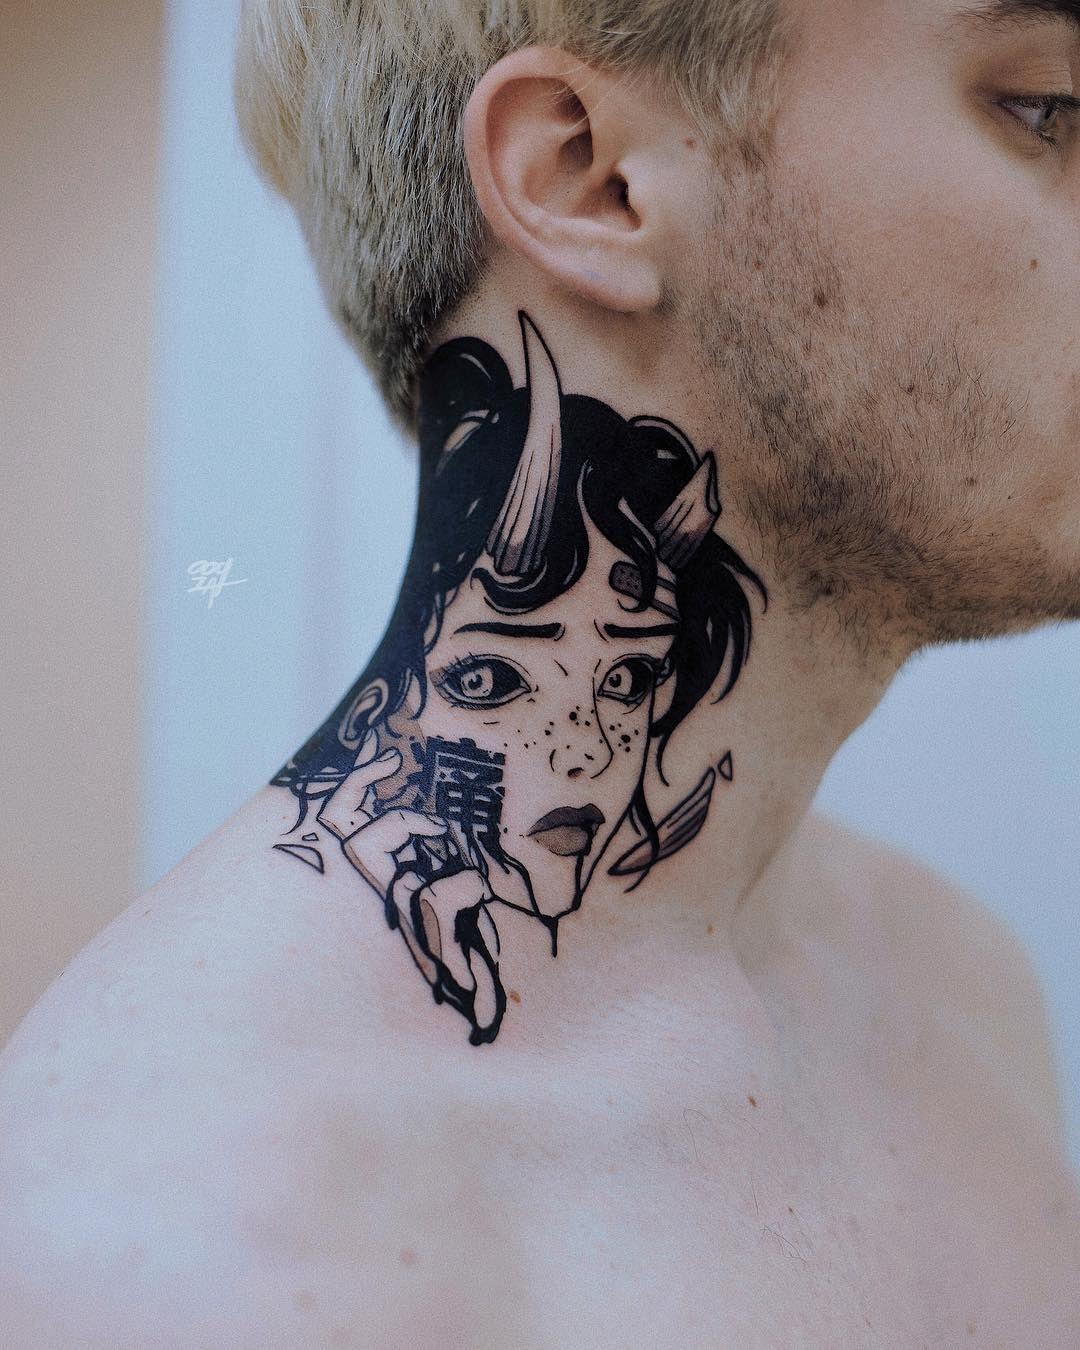 """Photo of ✚ OOQZA TATTOO ARTIST ✚ on Instagram: """"#ooqza #tattoomoscow #japaneseart #mangatattoo #manga #onlythedarkest #darkartists #wheretheytatt #equilaterra #blacktattooart…"""""""